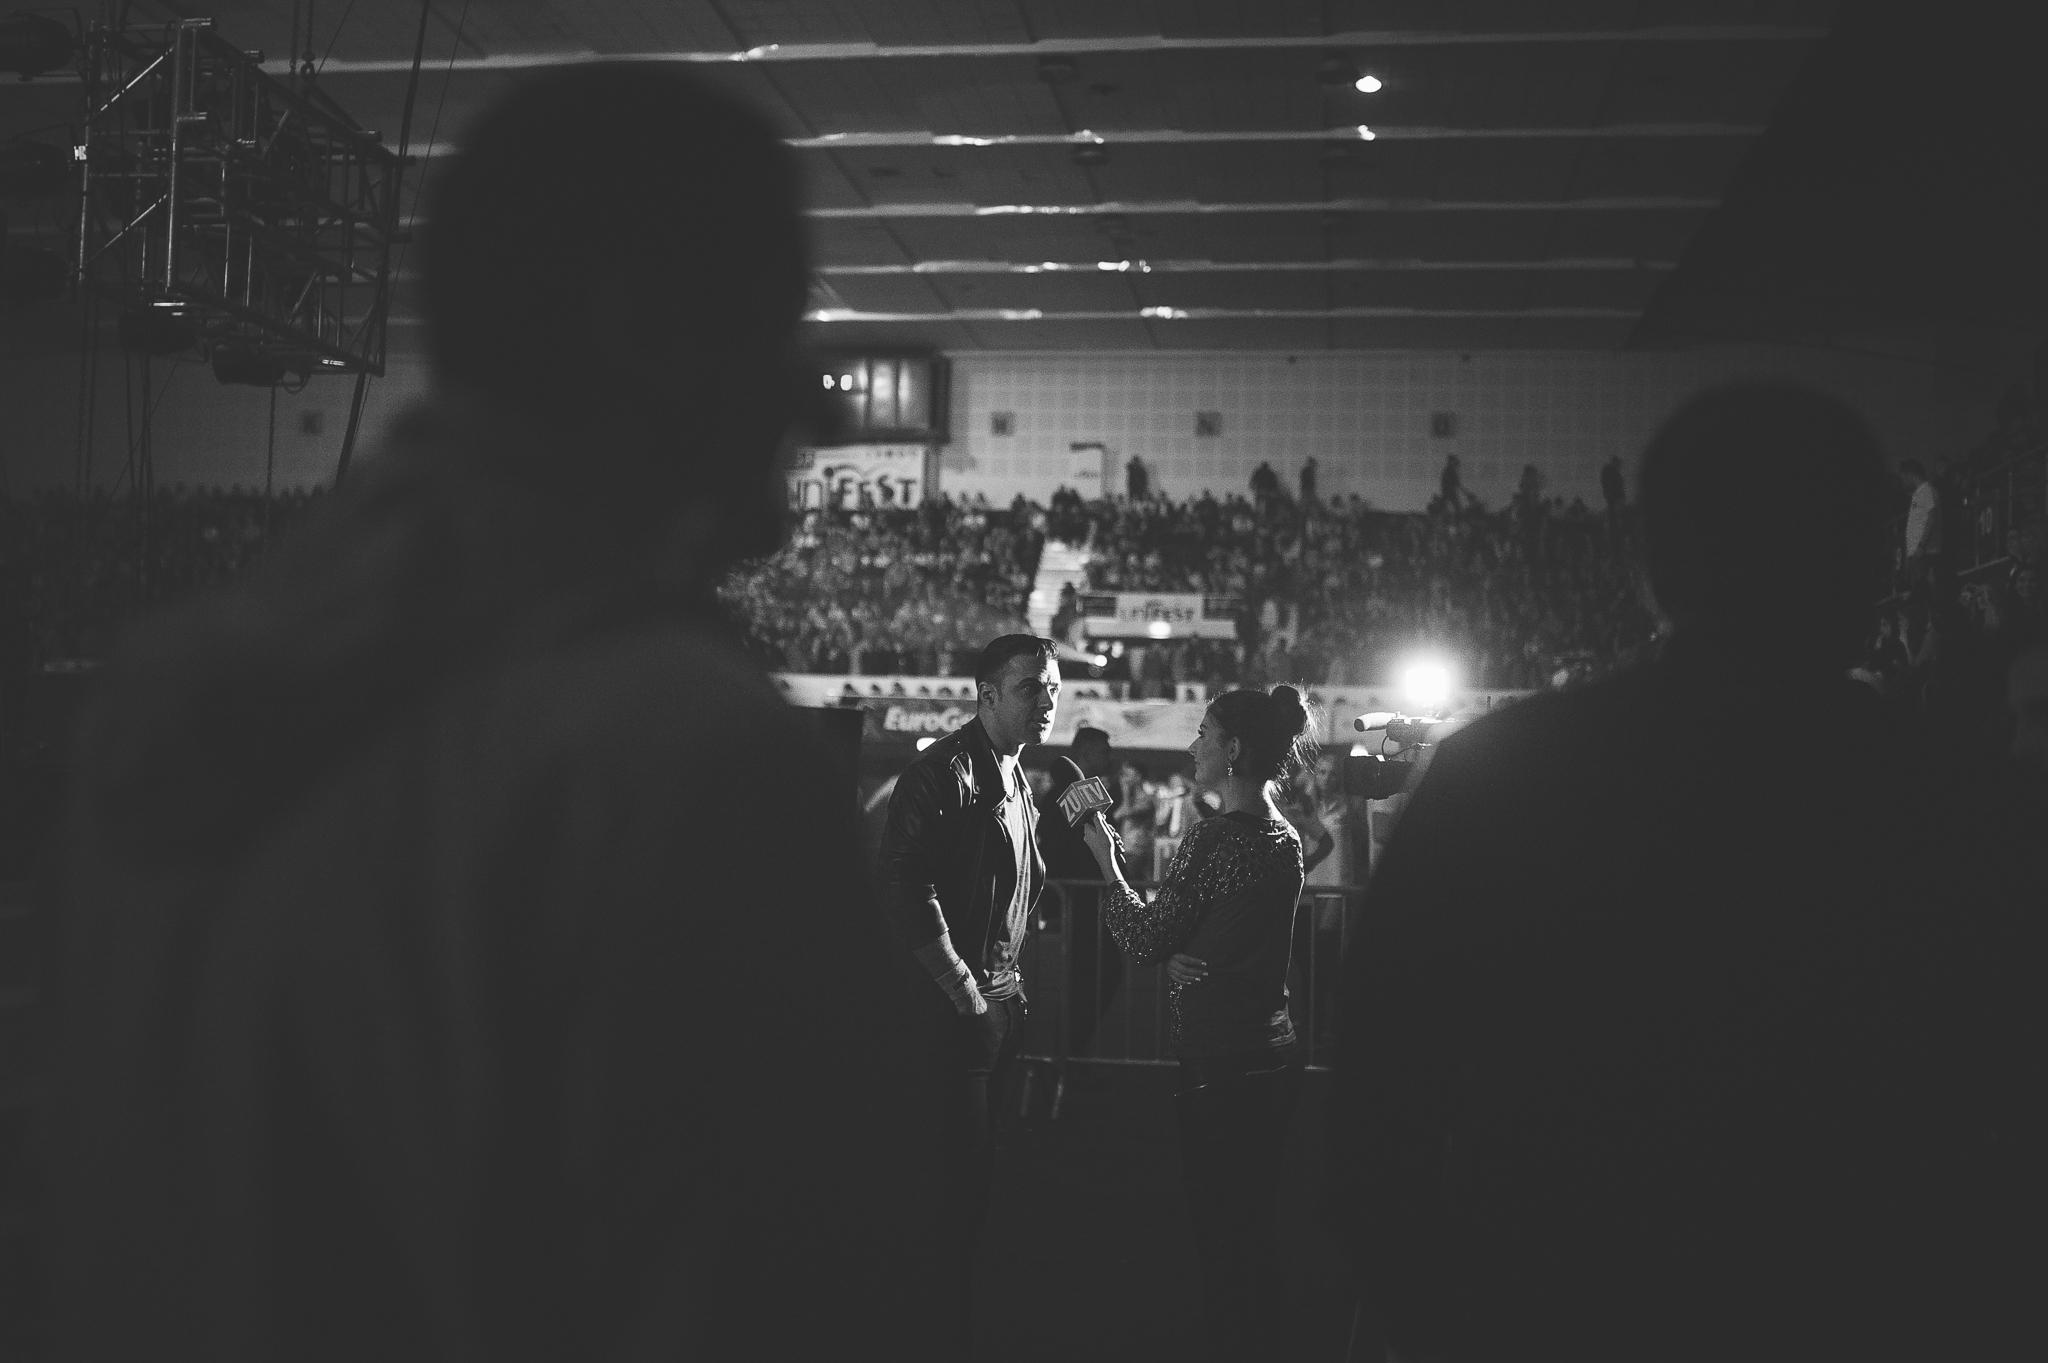 concert-vunk-unifest-low-res-13